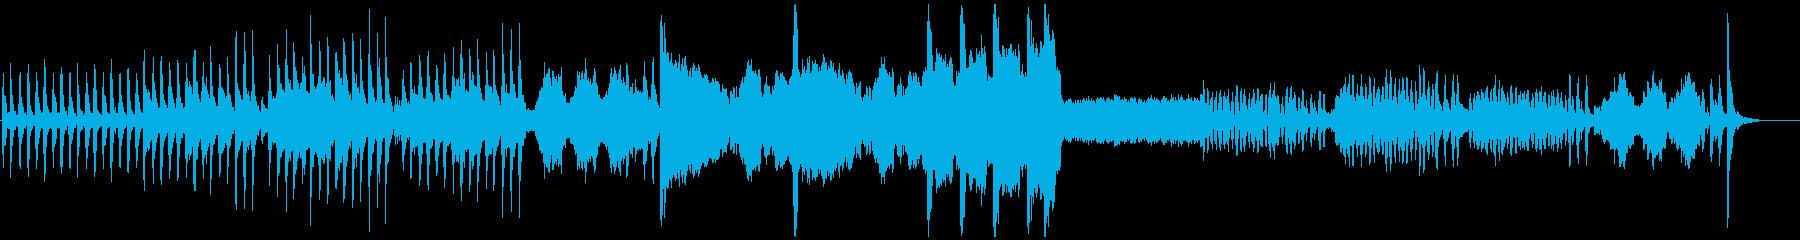 金平糖の精の踊り01(フルオケ通常版)の再生済みの波形